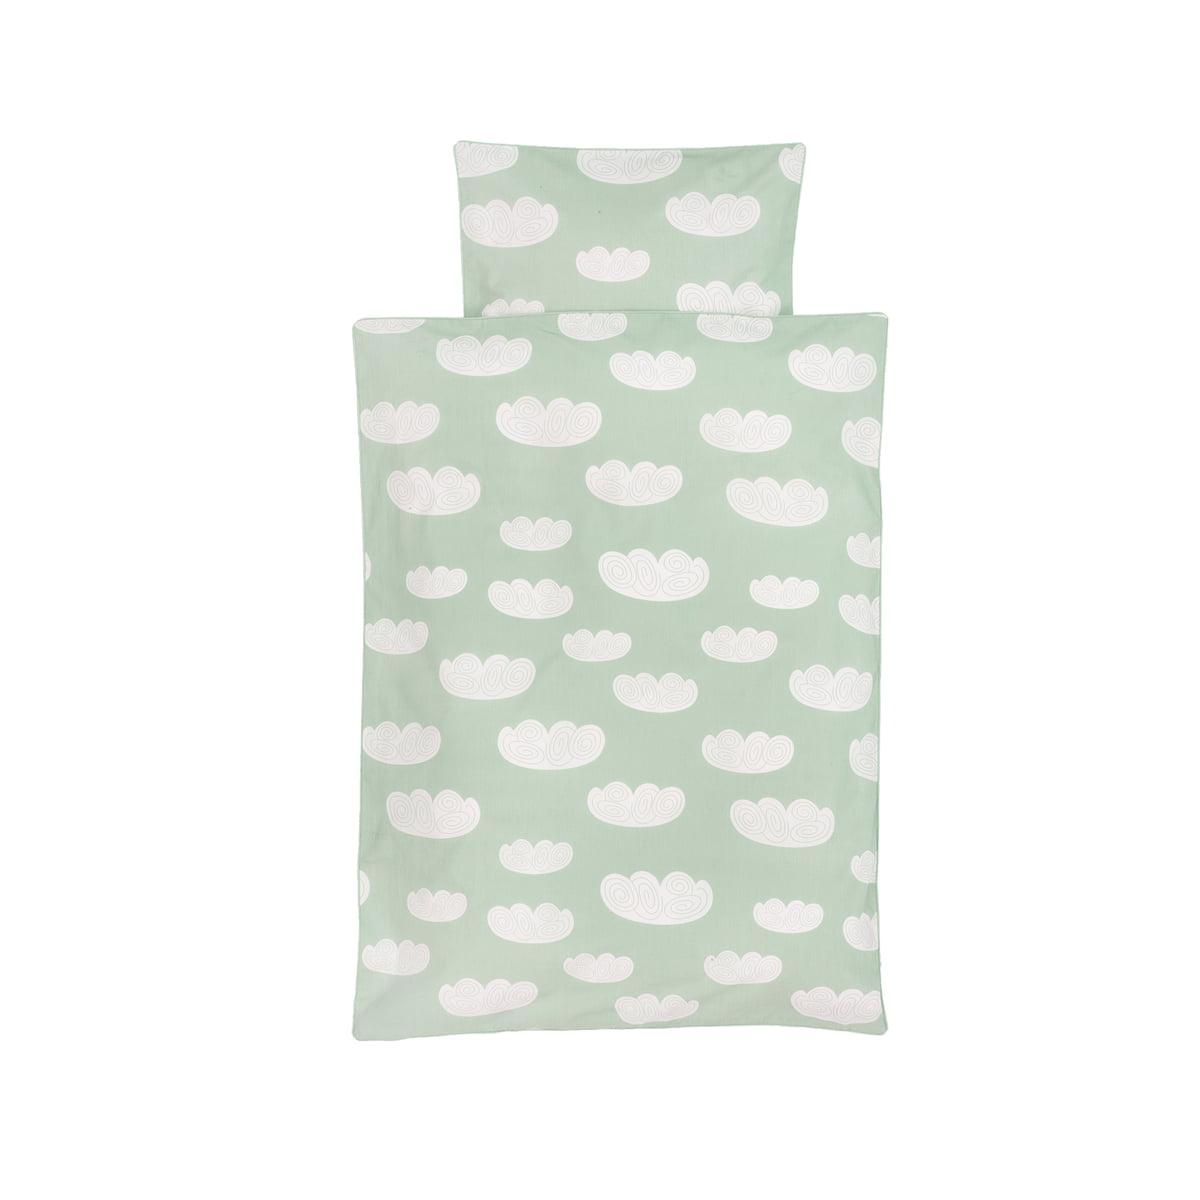 ferm Living - Cloud Baby-Bettwäsche, mint   Kinderzimmer > Textilien für Kinder > Kinderbettwäsche   Mintgrün   ferm living